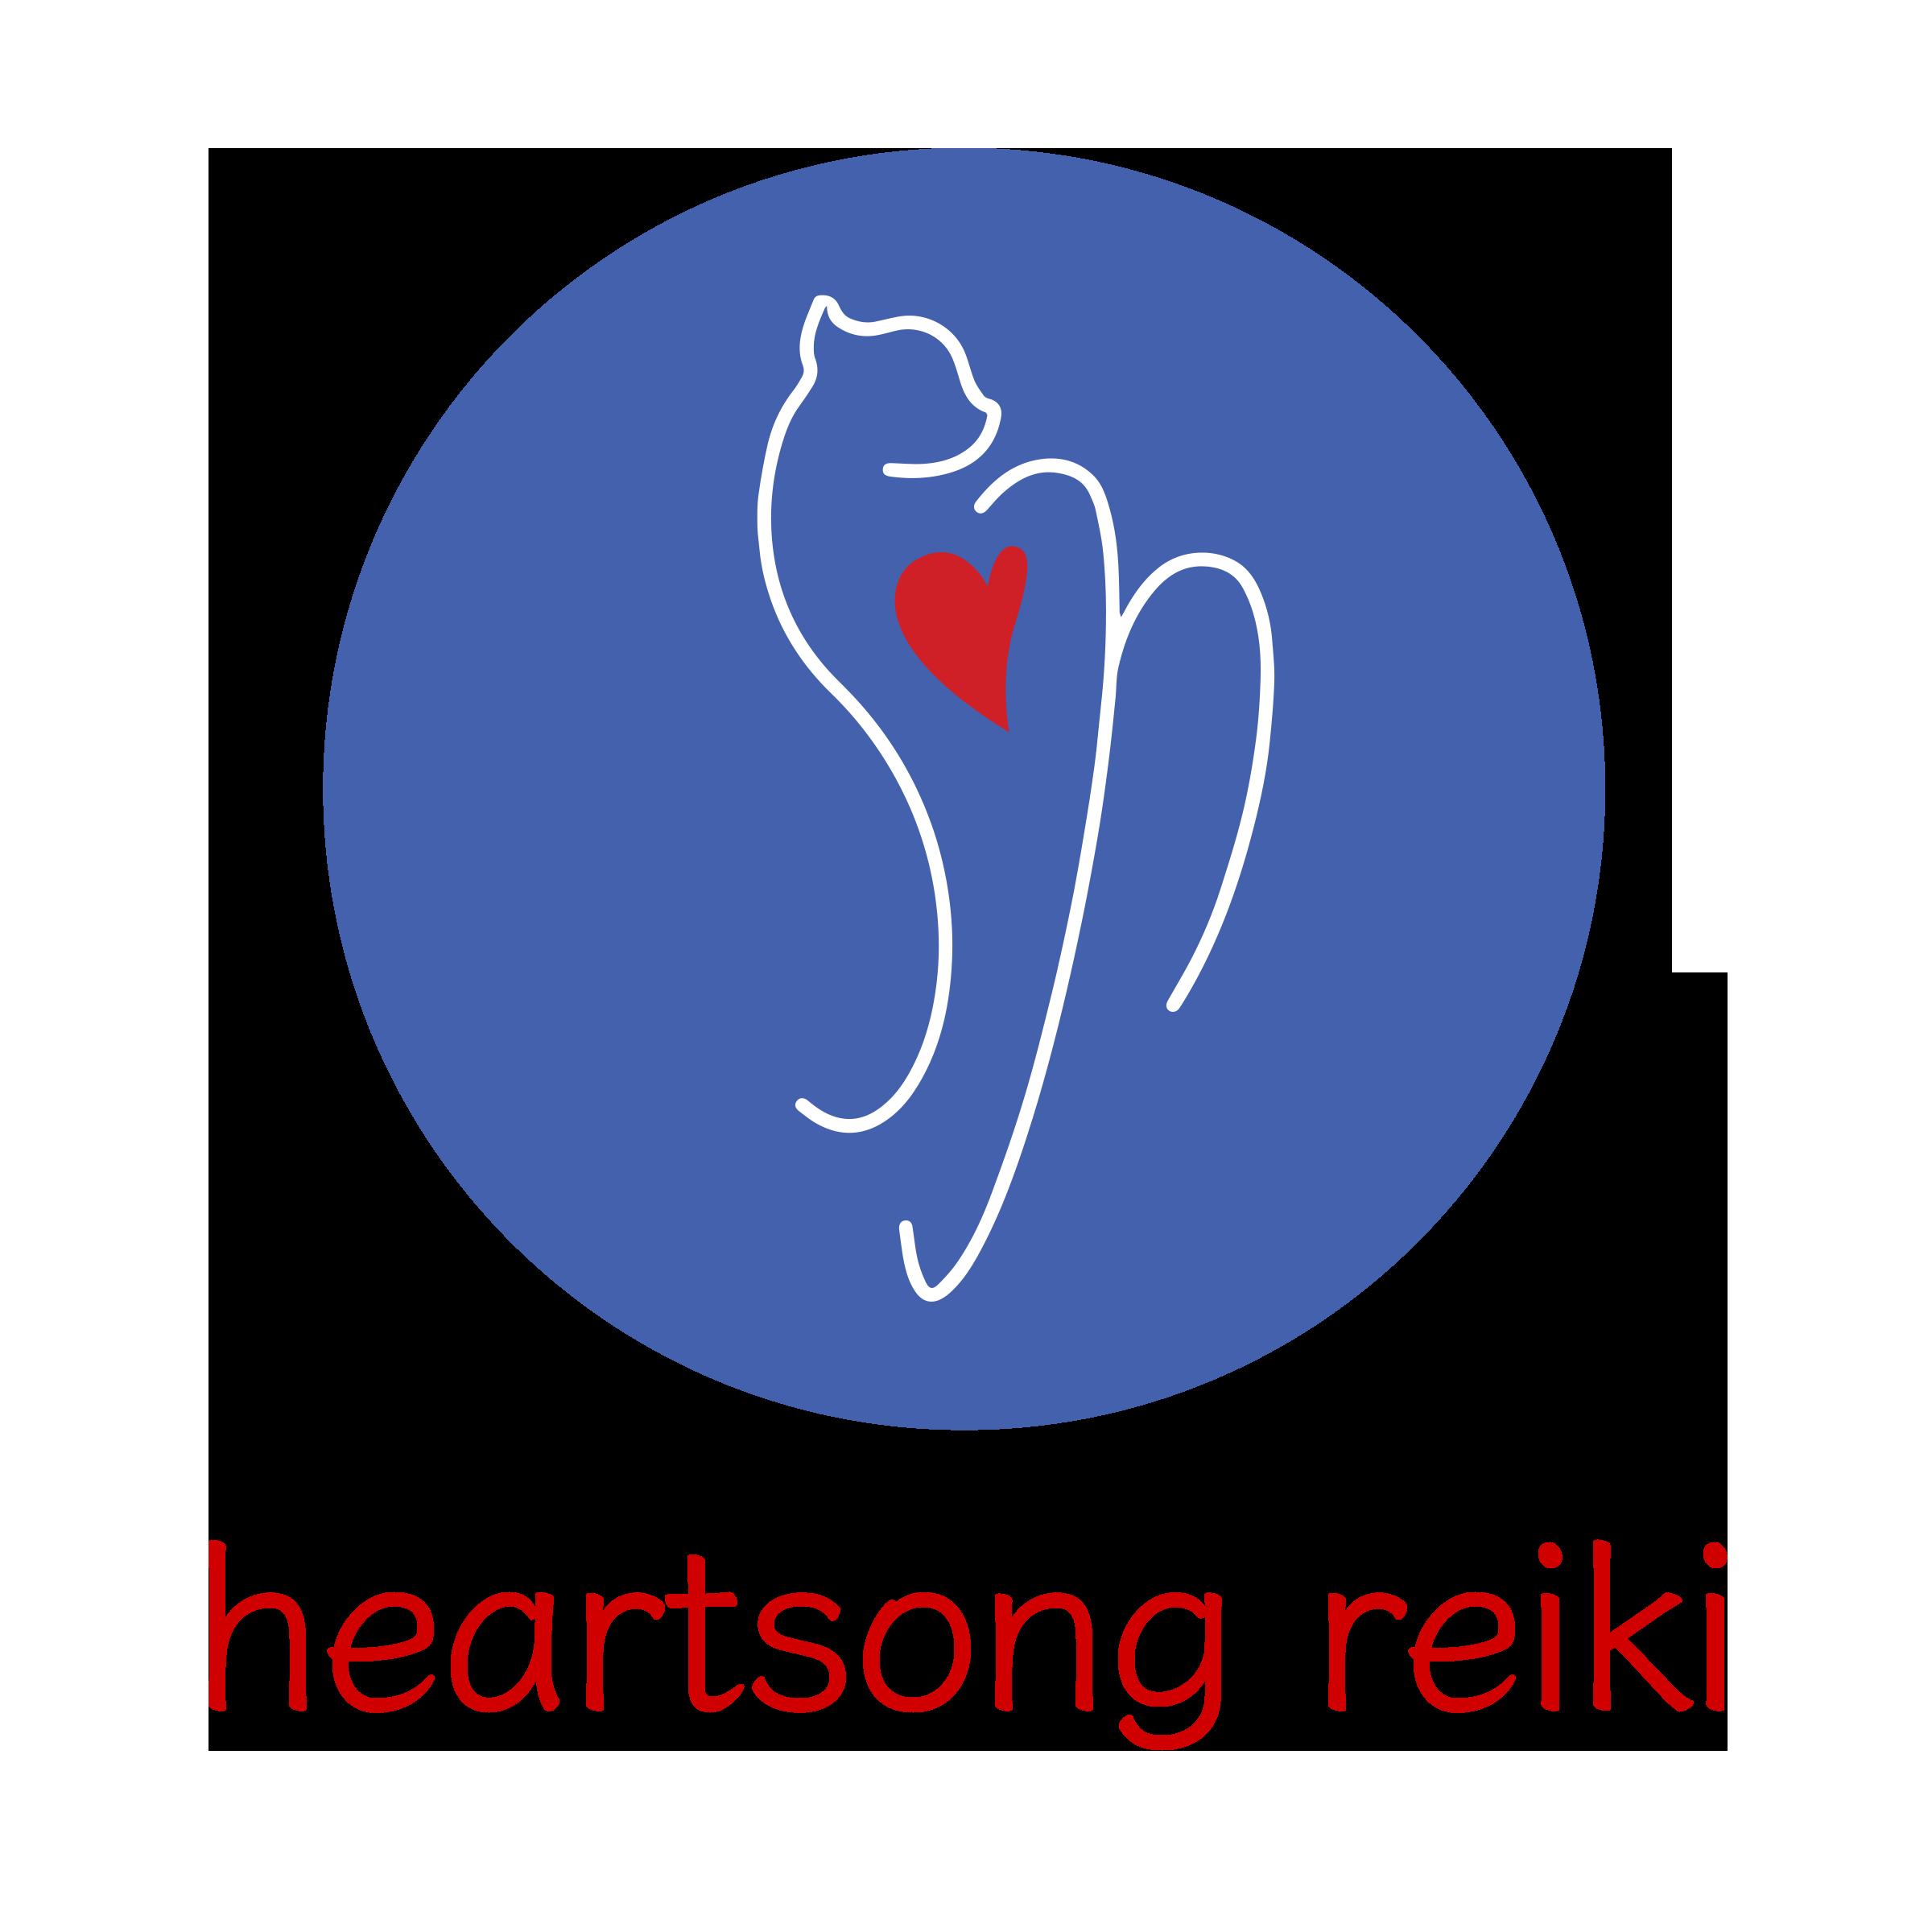 HeartSong Reiki